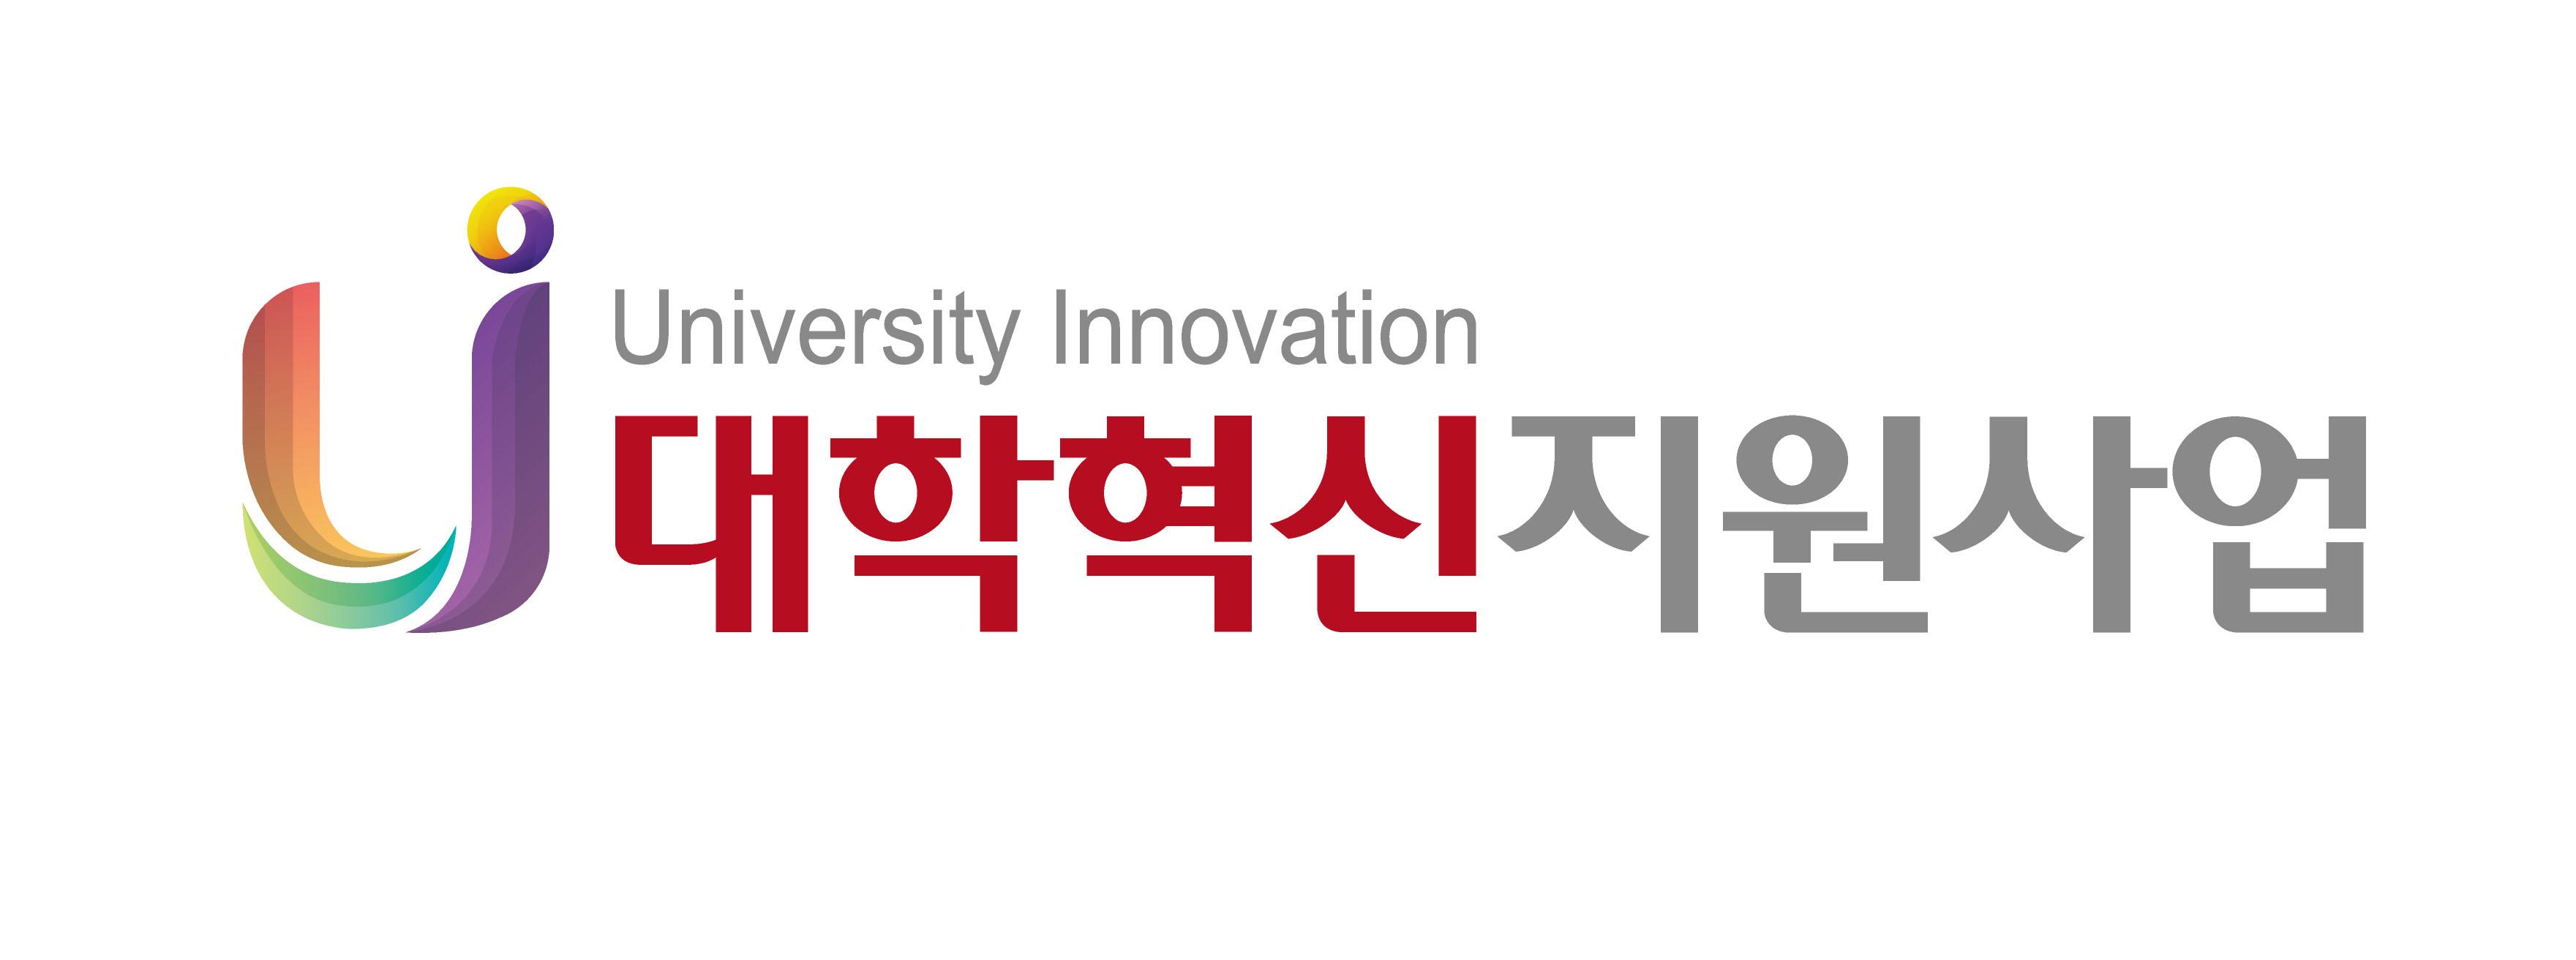 심벌+워드마크-국영문-조합2.jpg